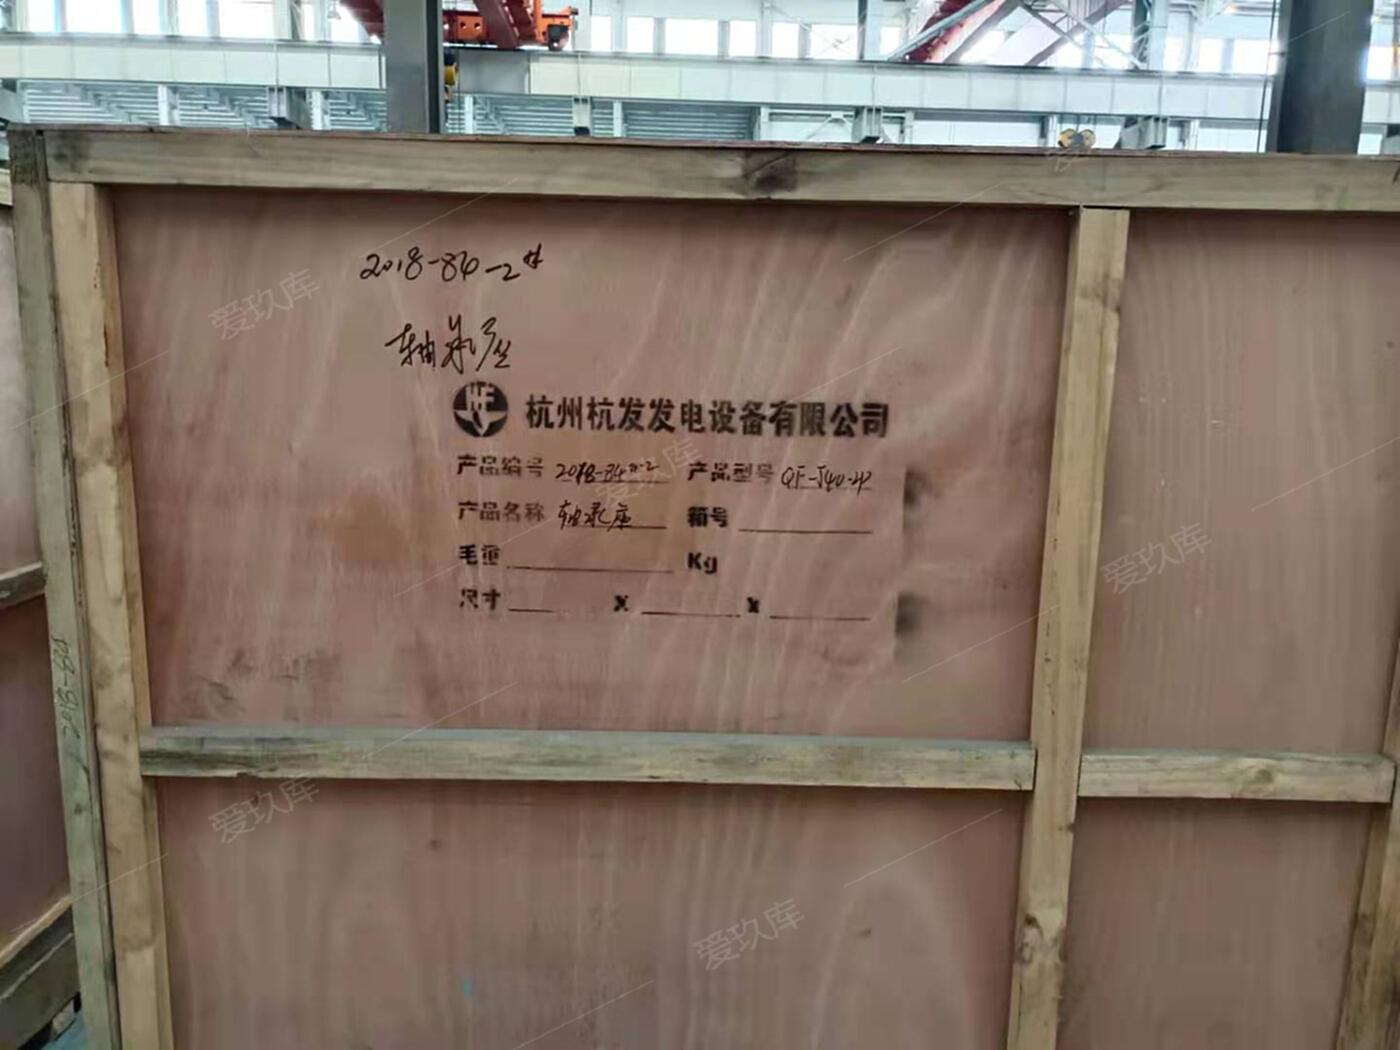 出售汽輪發電機組-4.5MW發電機